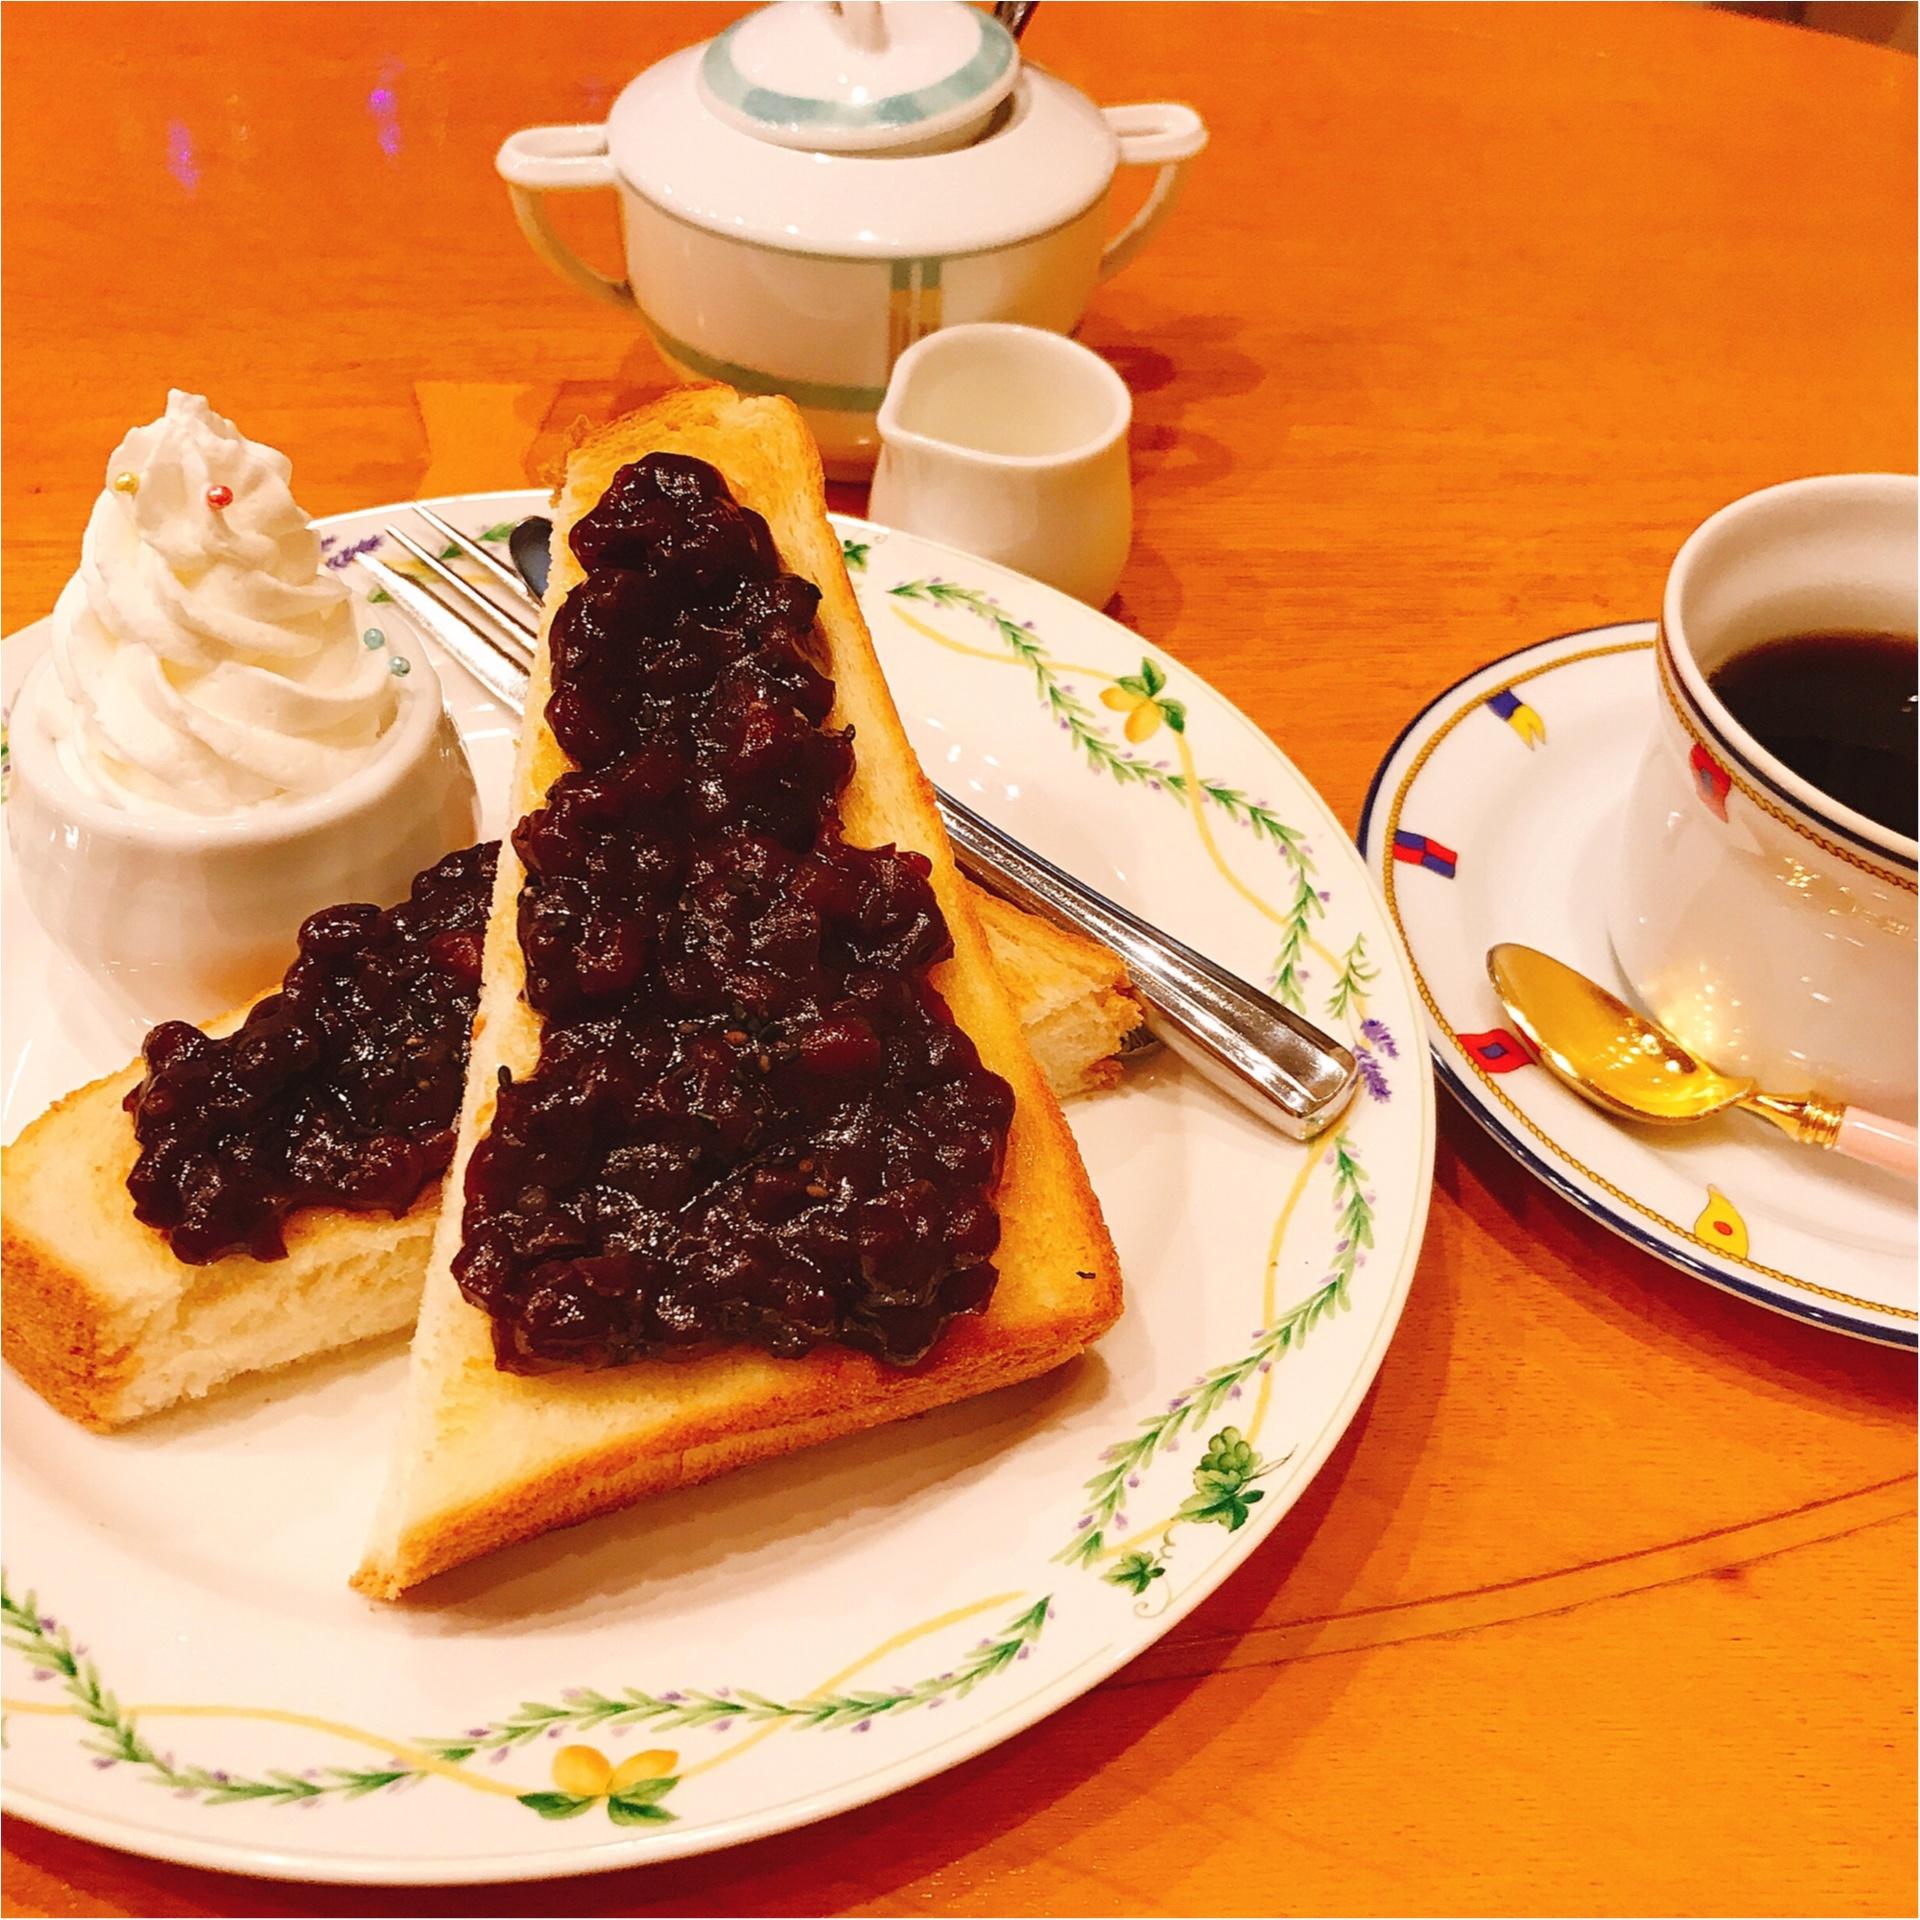 ★元祖名古屋グルメ『小倉トースト』ちょっとオシャレに楽しみたいなら、○○モチーフのココがオススメ★_4